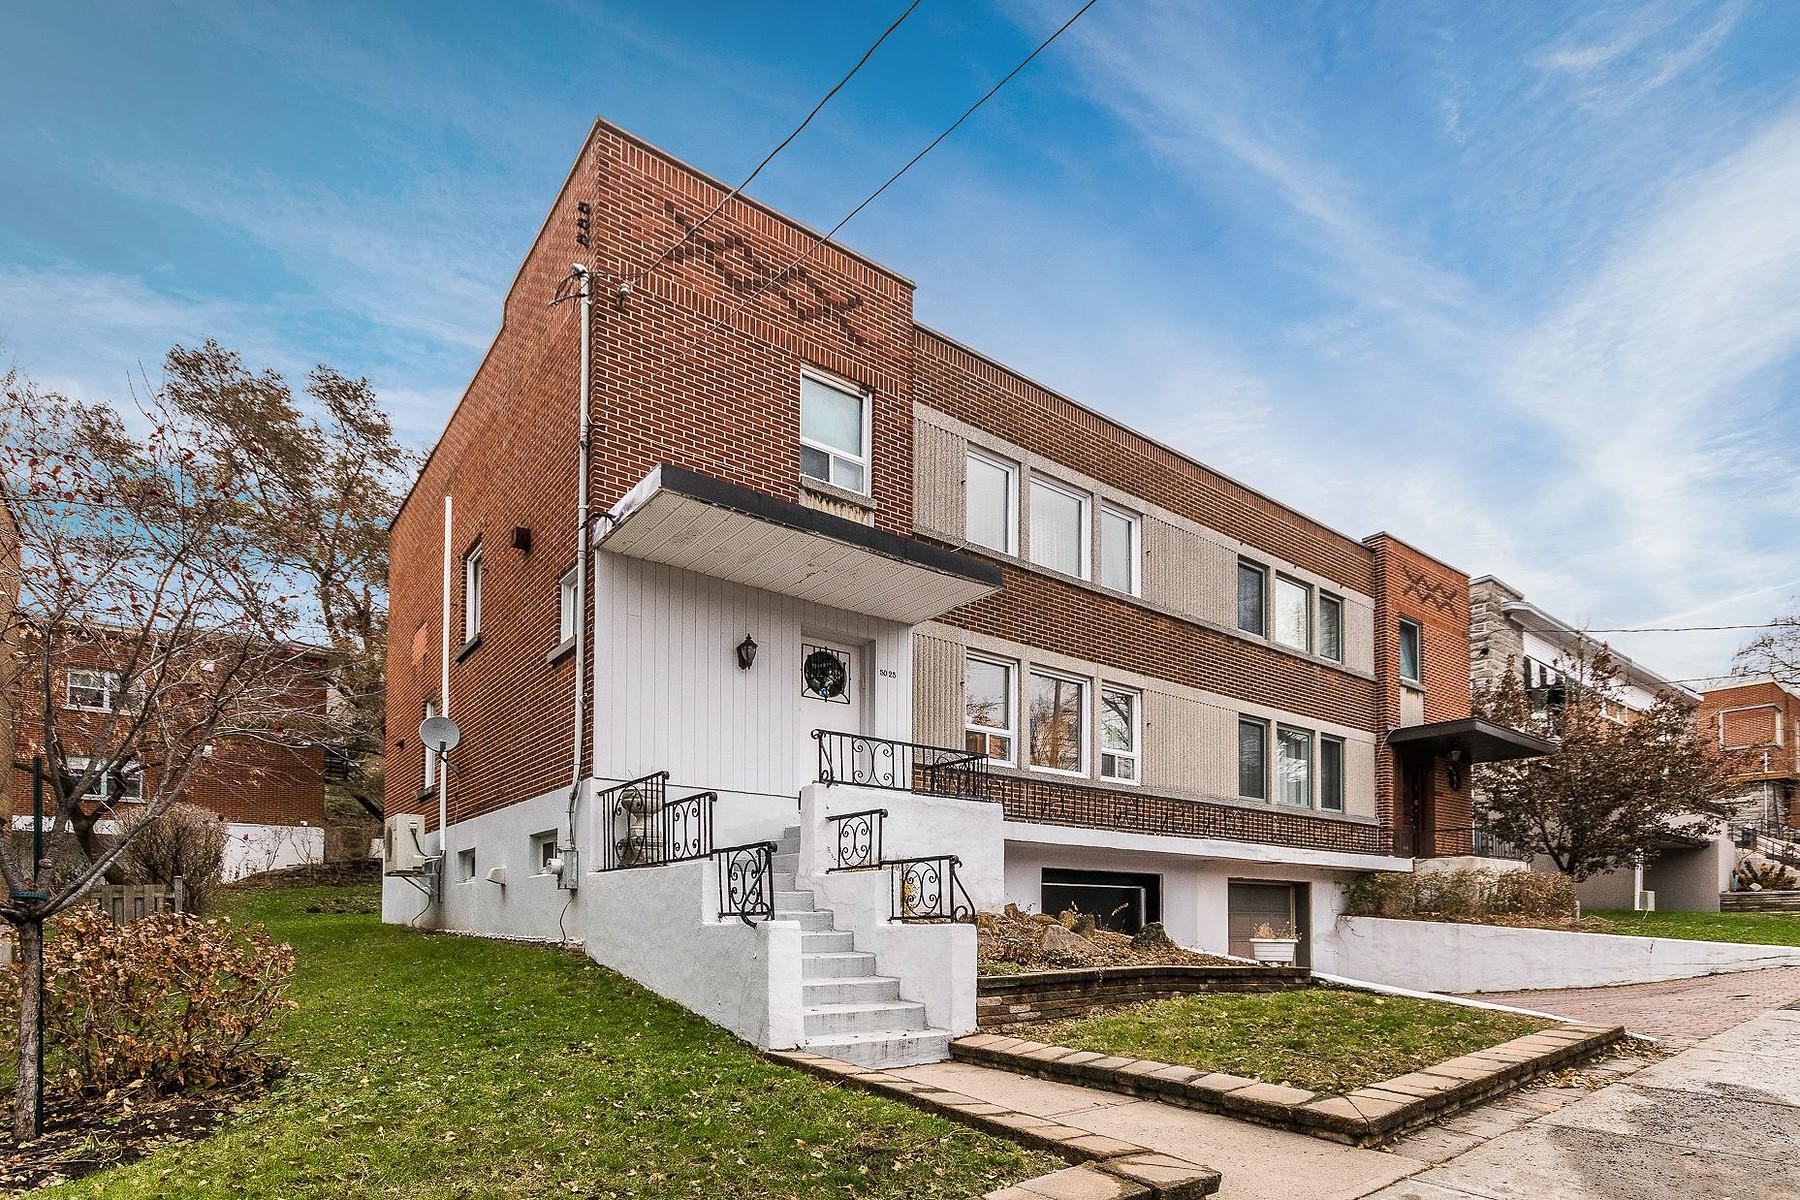 Casa Unifamiliar por un Venta en Côte-des-Neiges / Notre-Dame-de-Grâce, Montréal 5025 Av. Roslyn, Cote Des Neiges Notre Dame De Grace, Quebec, H3W2L6 Canadá